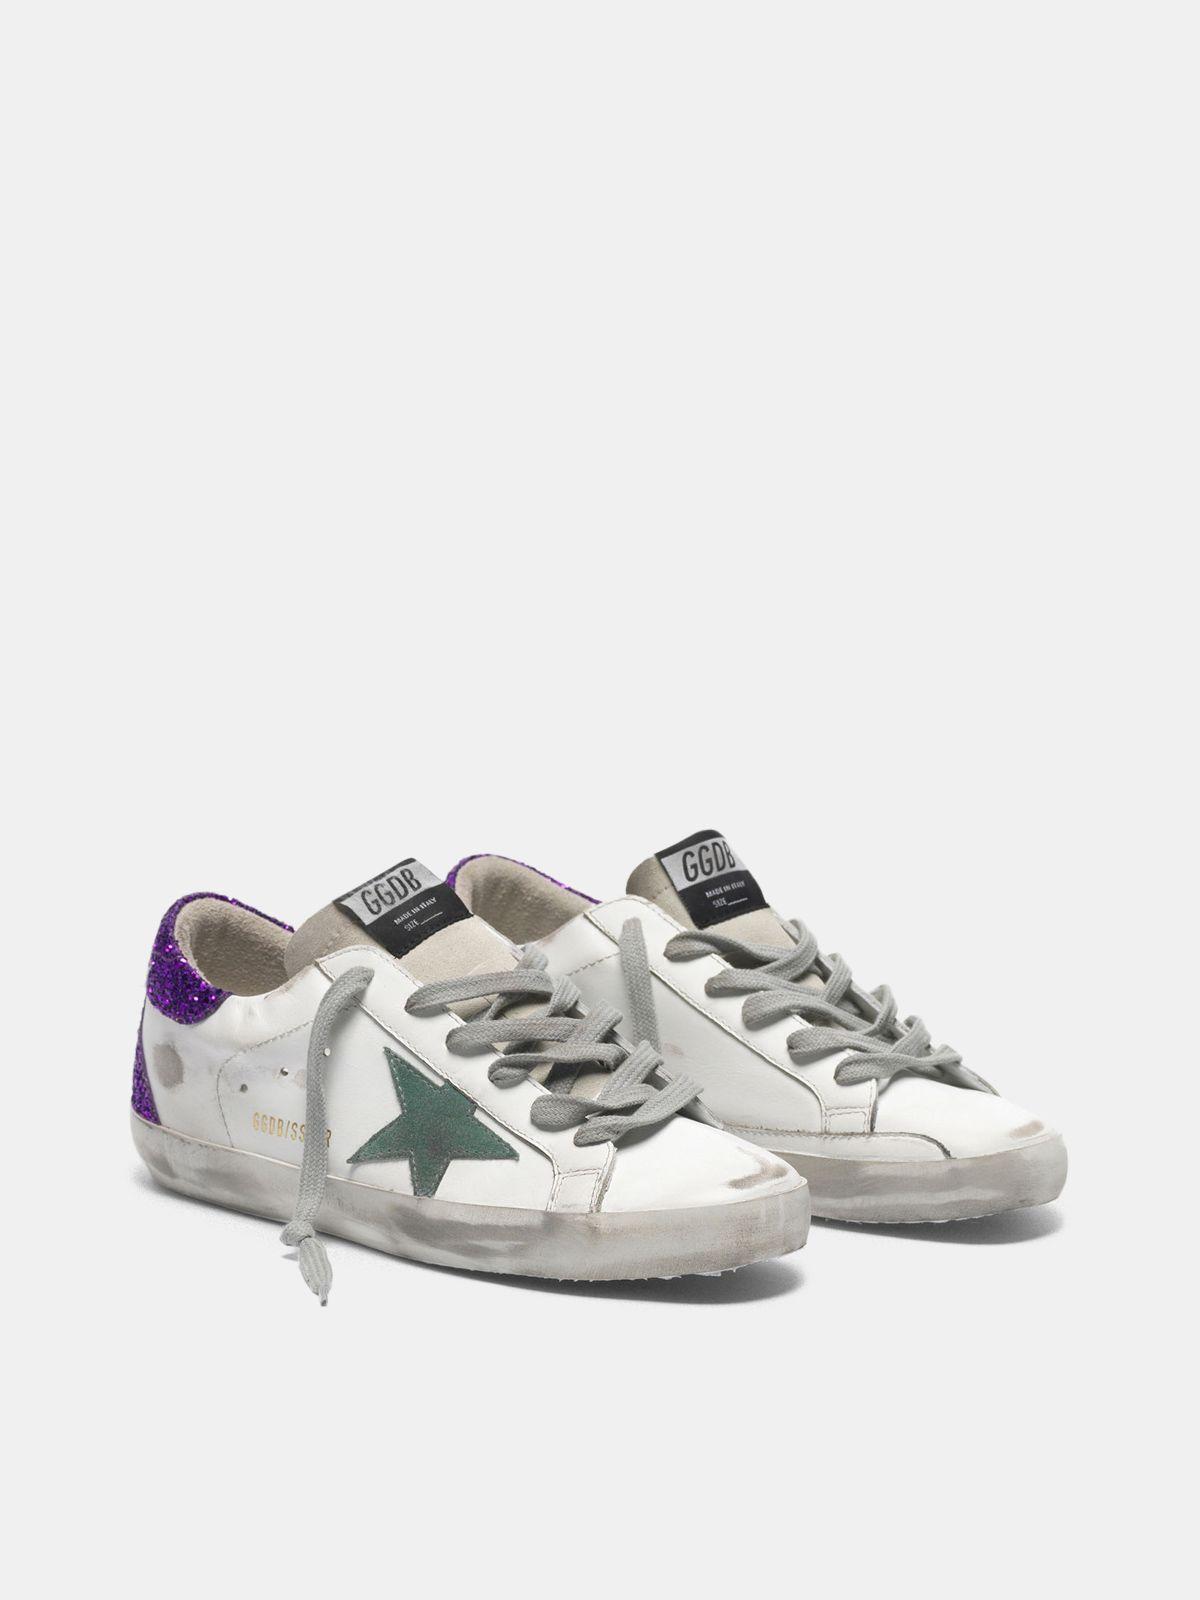 Golden Goose - Sneakers Super-Star bianche con retro viola glitter in